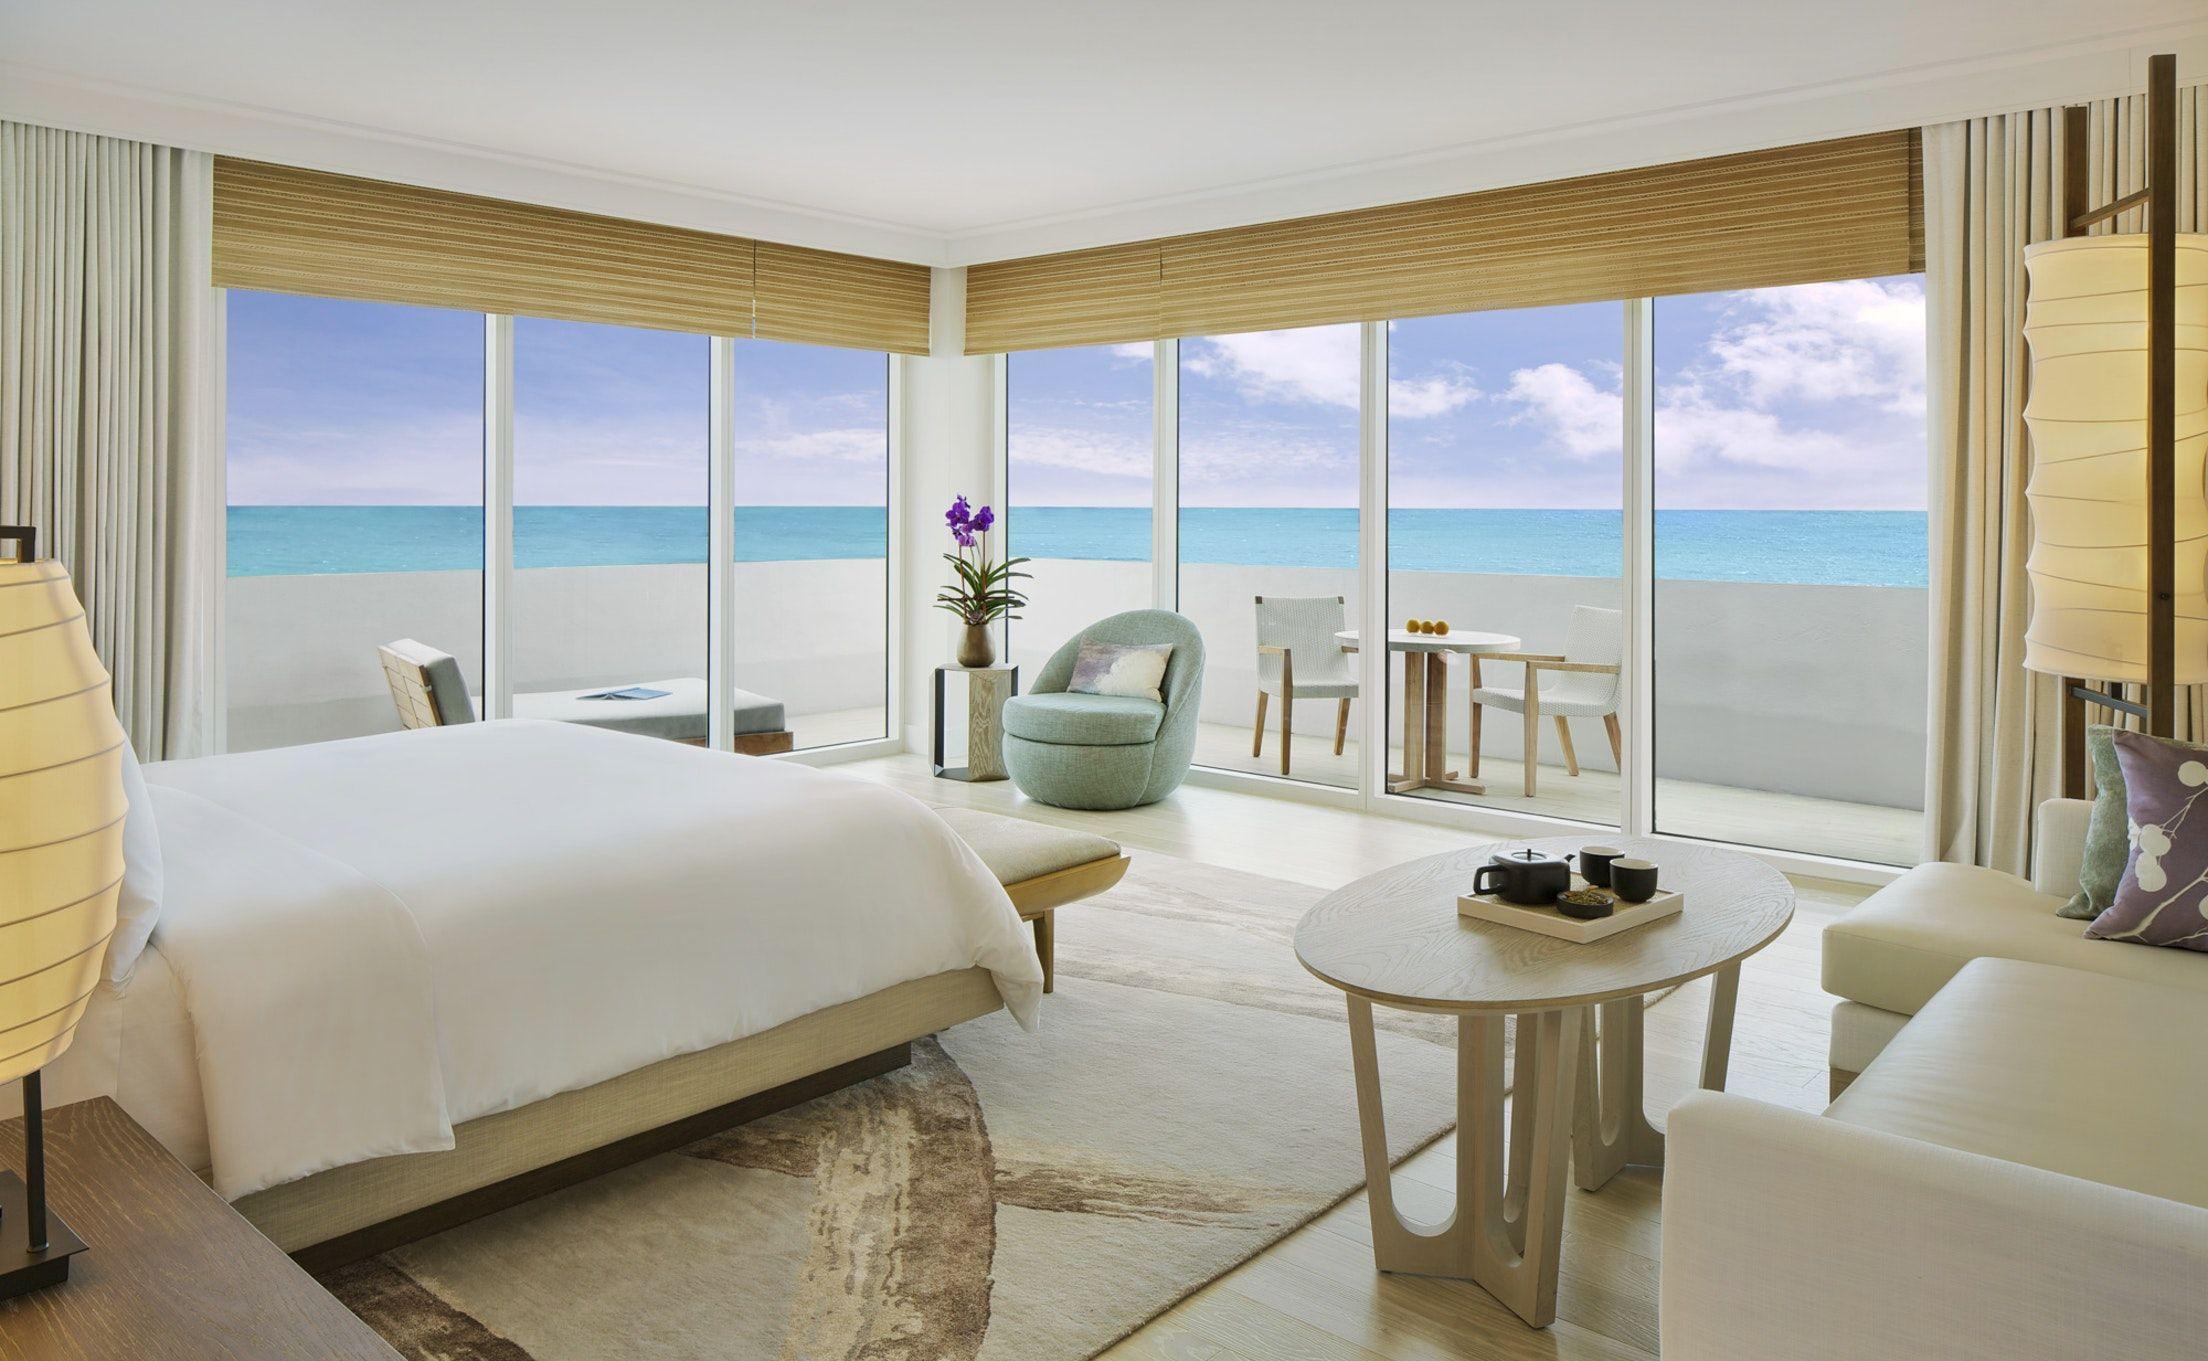 Book the Nobu Zen Suite + Nobu Ocean View Queen at Nobu